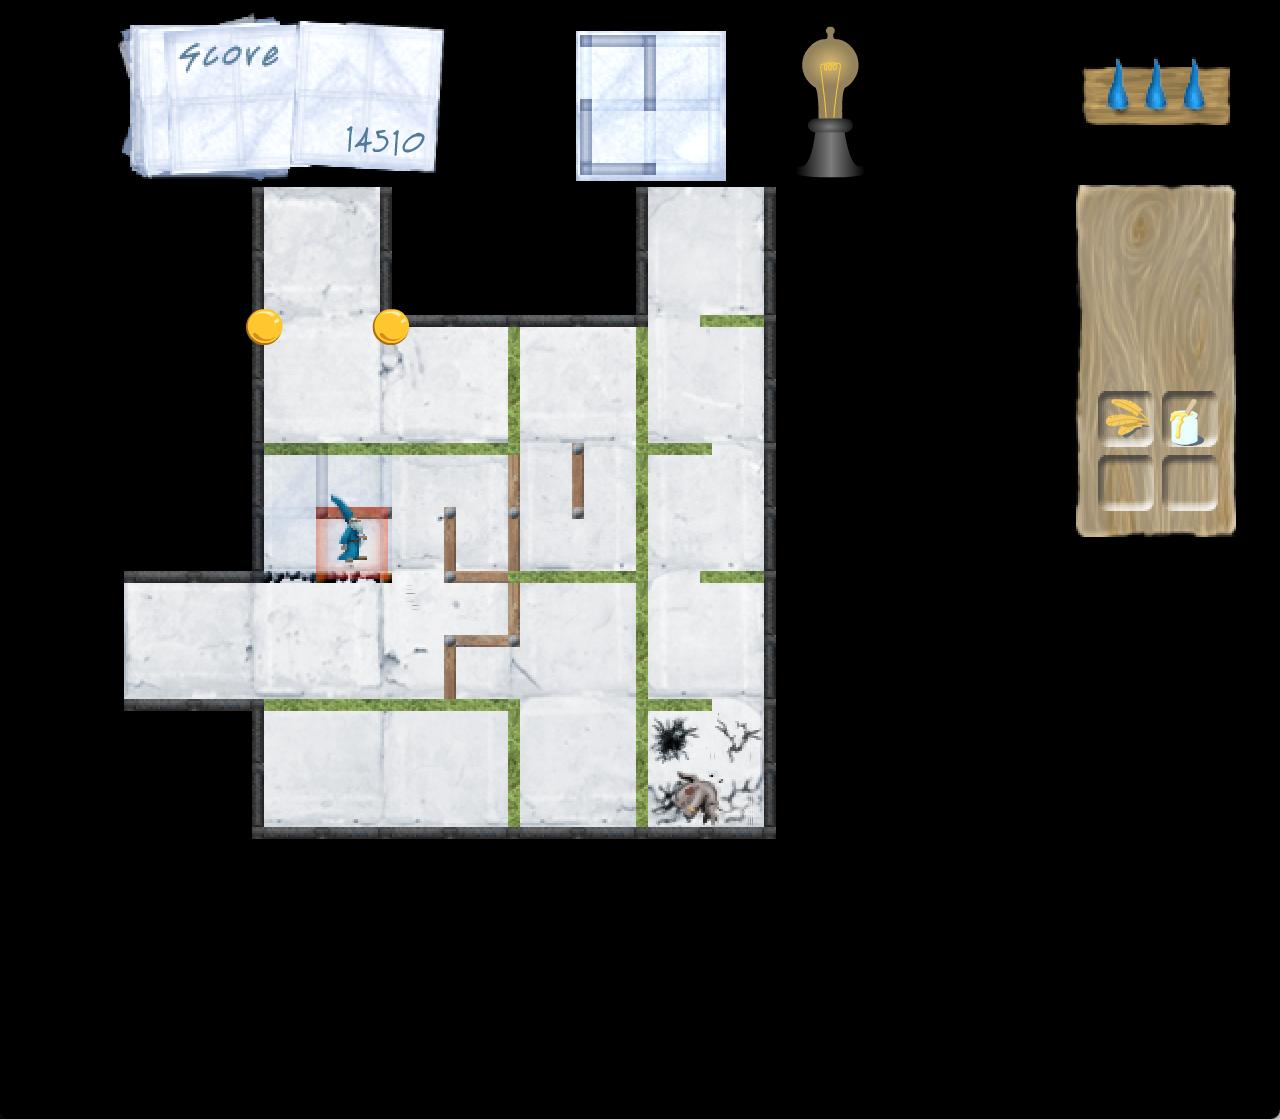 Daedalus tutorial level